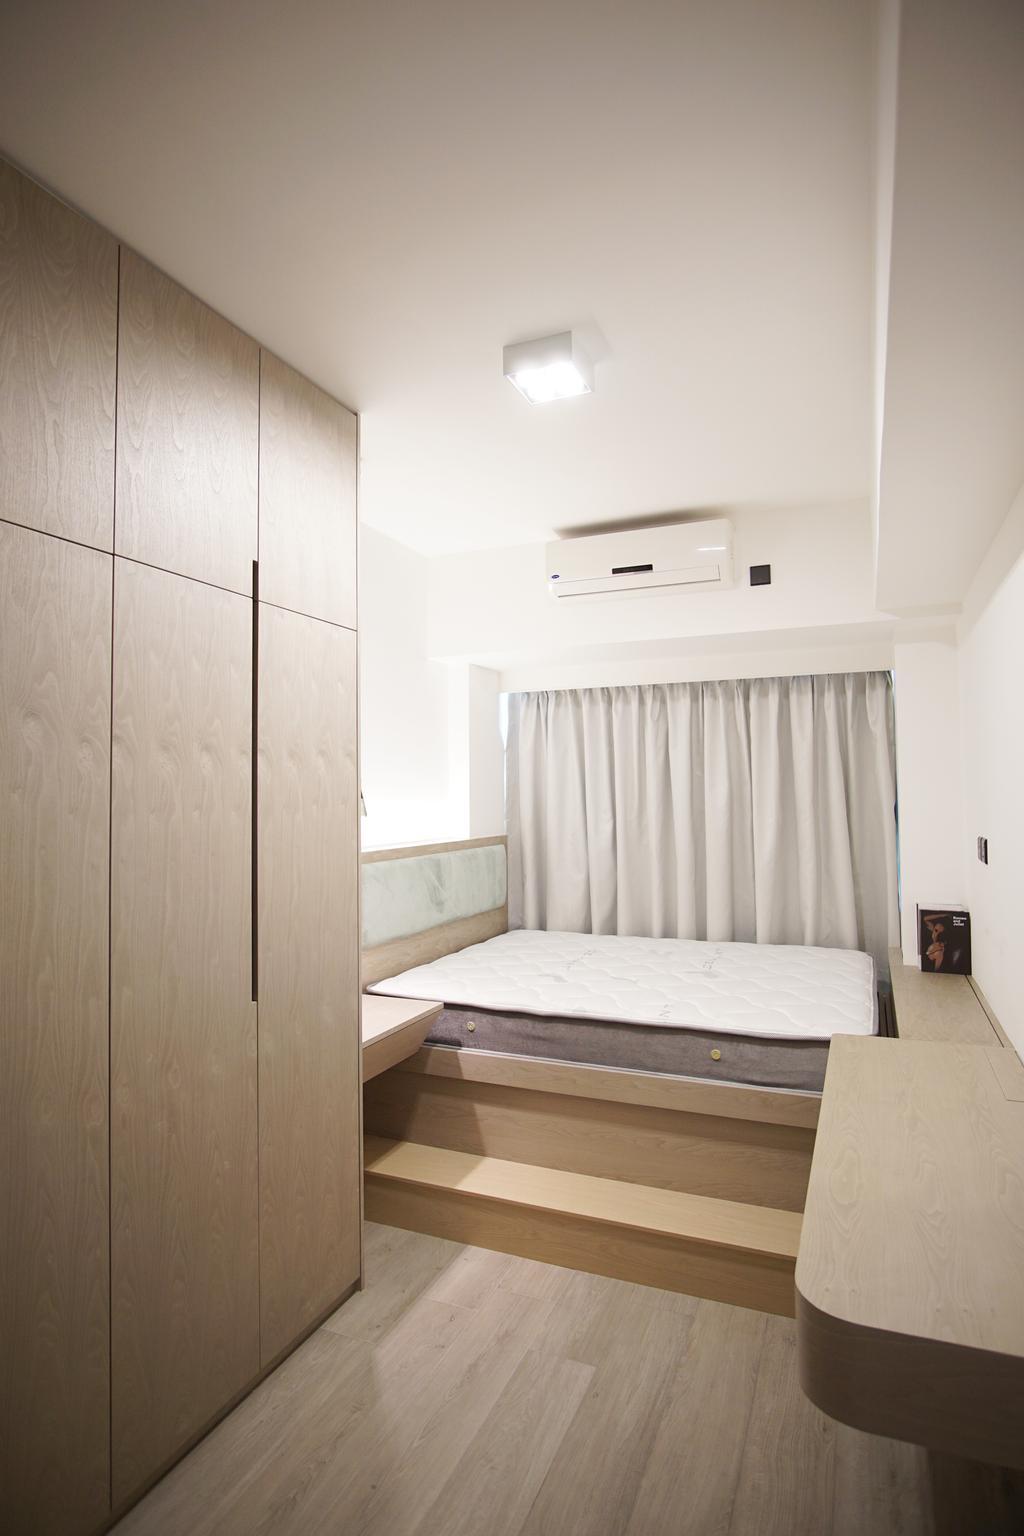 摩登, 私家樓, 睡房, 丰滙, 室內設計師, AQUA Projects, 當代